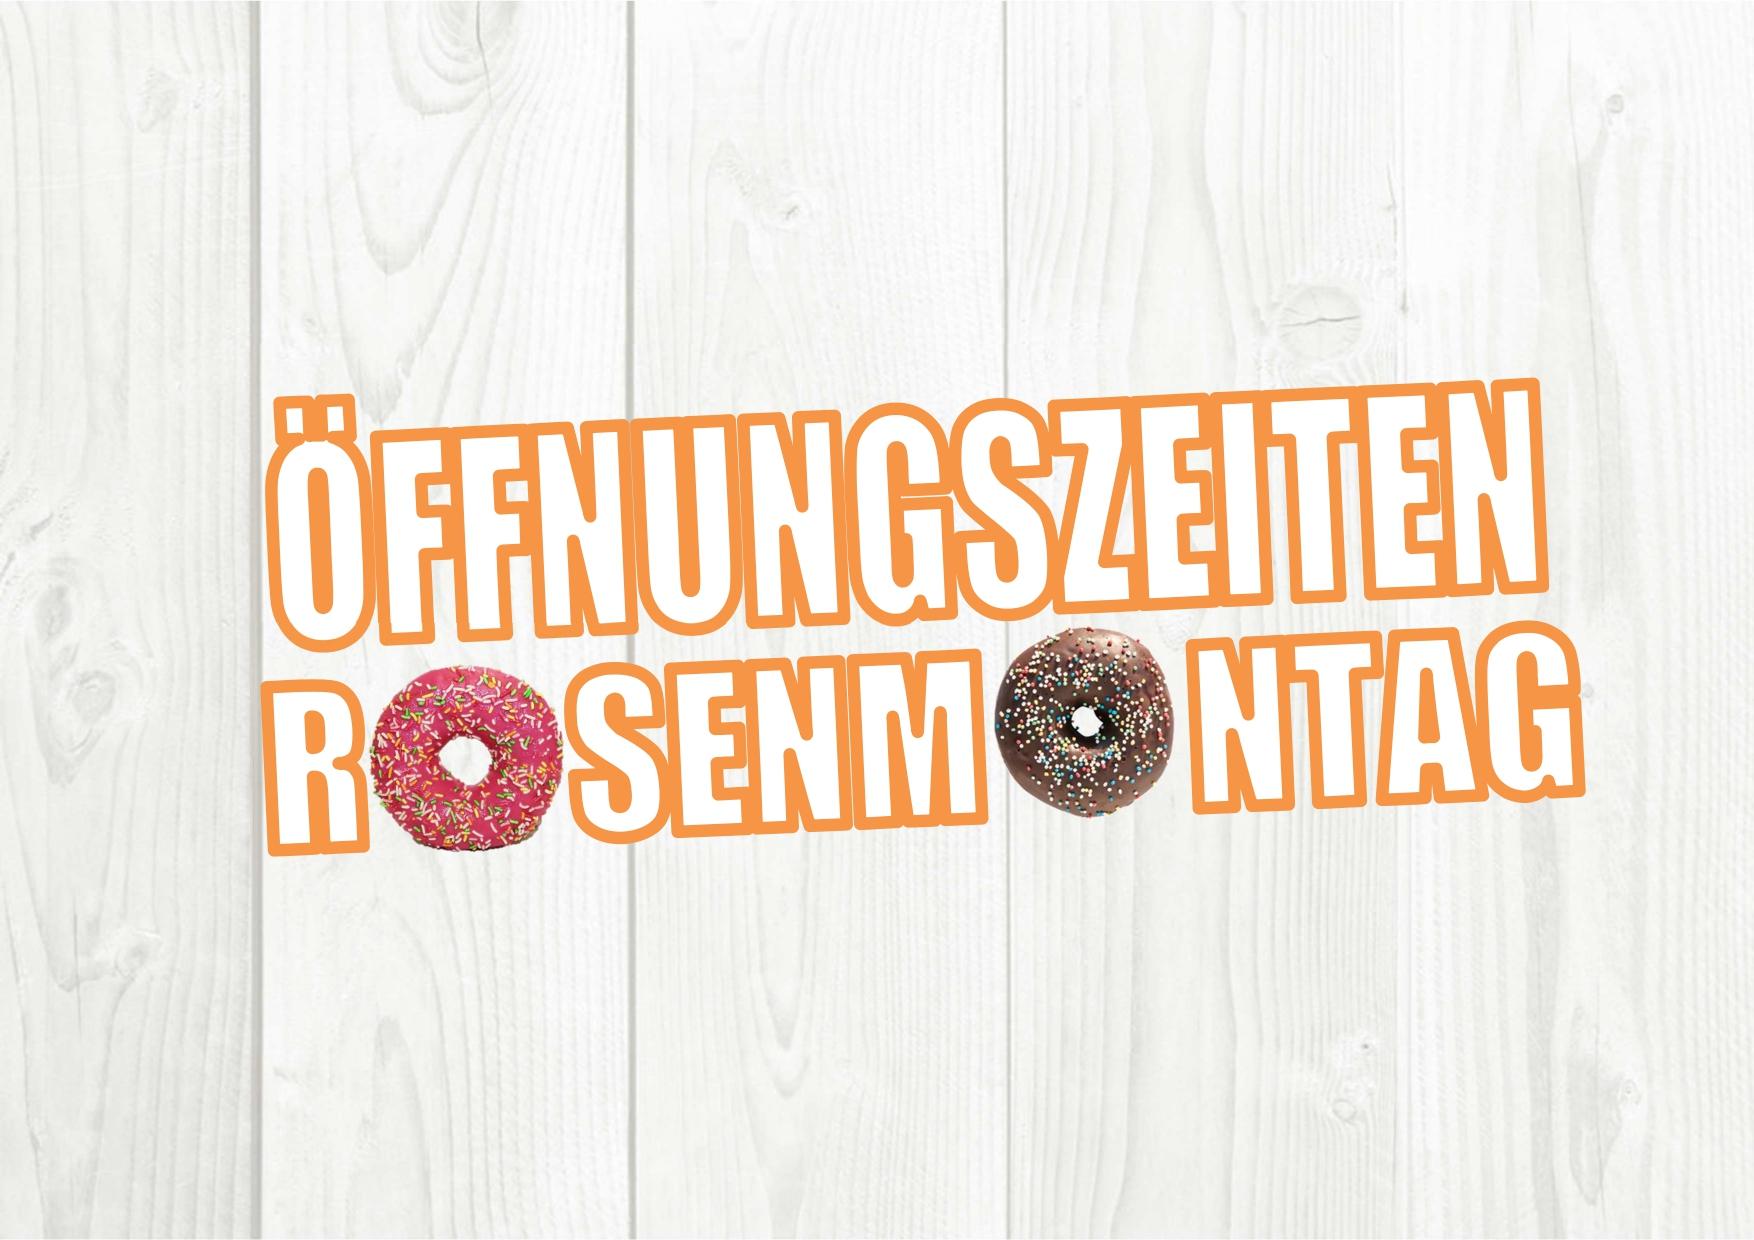 Öffnungszeiten Rosenmontag 3_page-0001